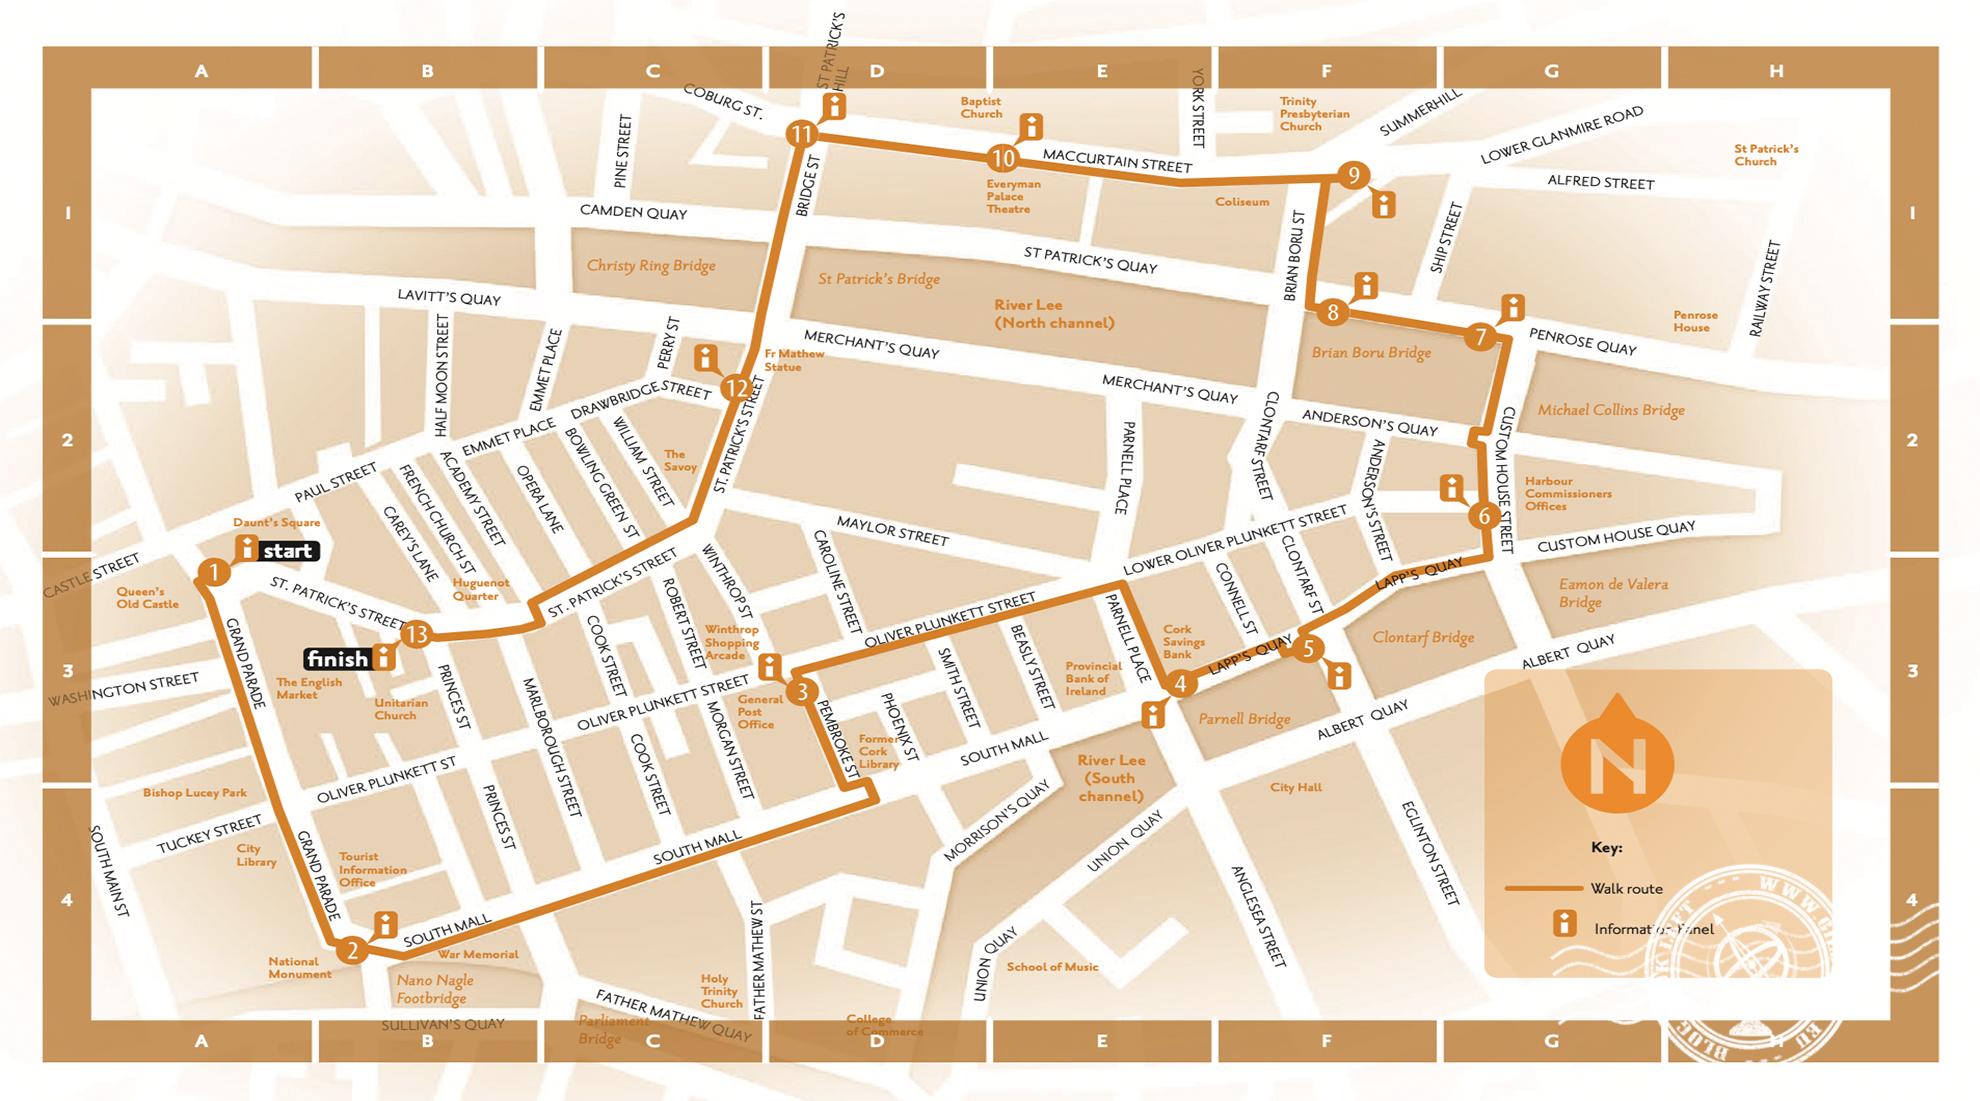 Mapa da Rota da Ilha Central de Cork